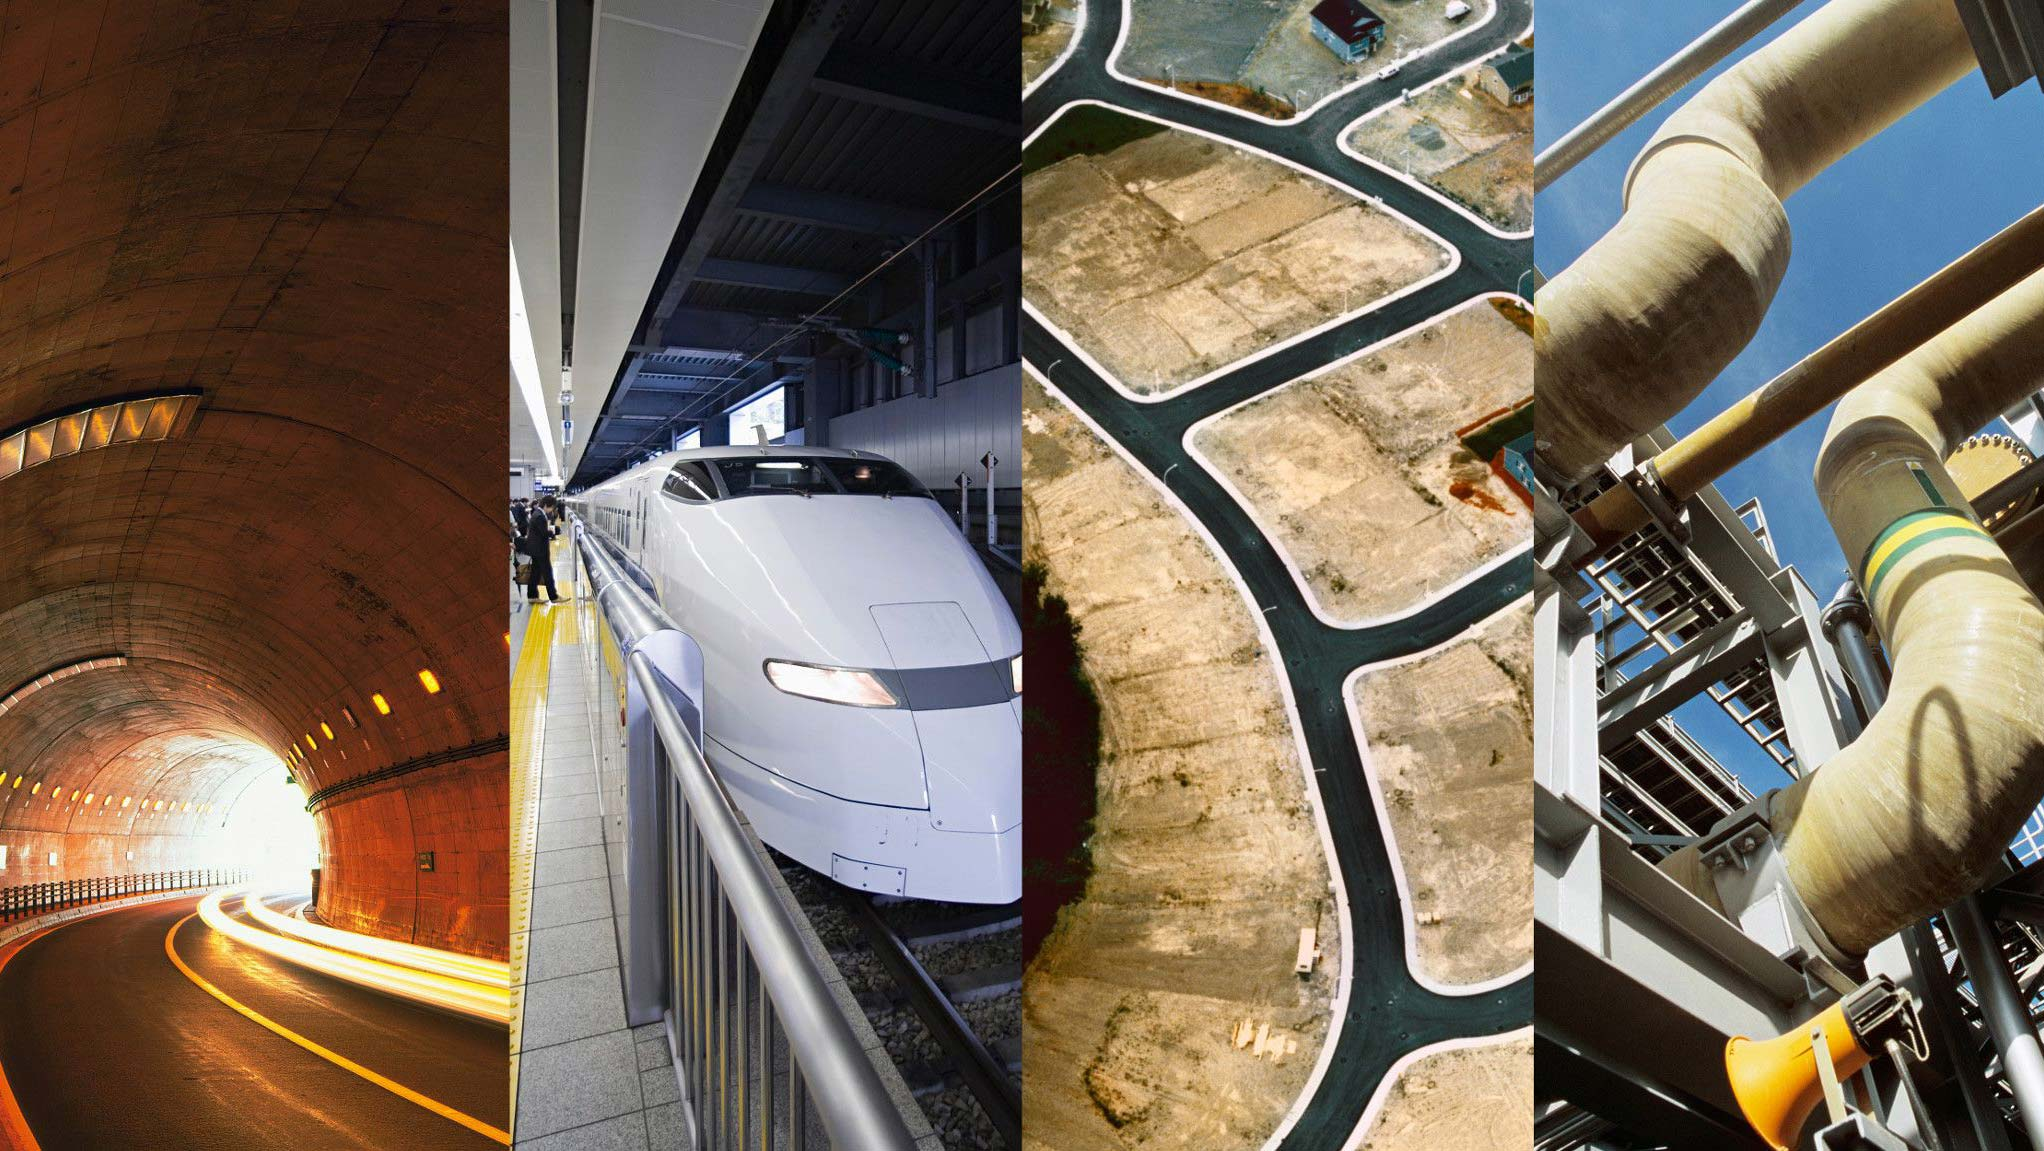 トンネルや新幹線、道路工事や配管などの設備のコラージュ